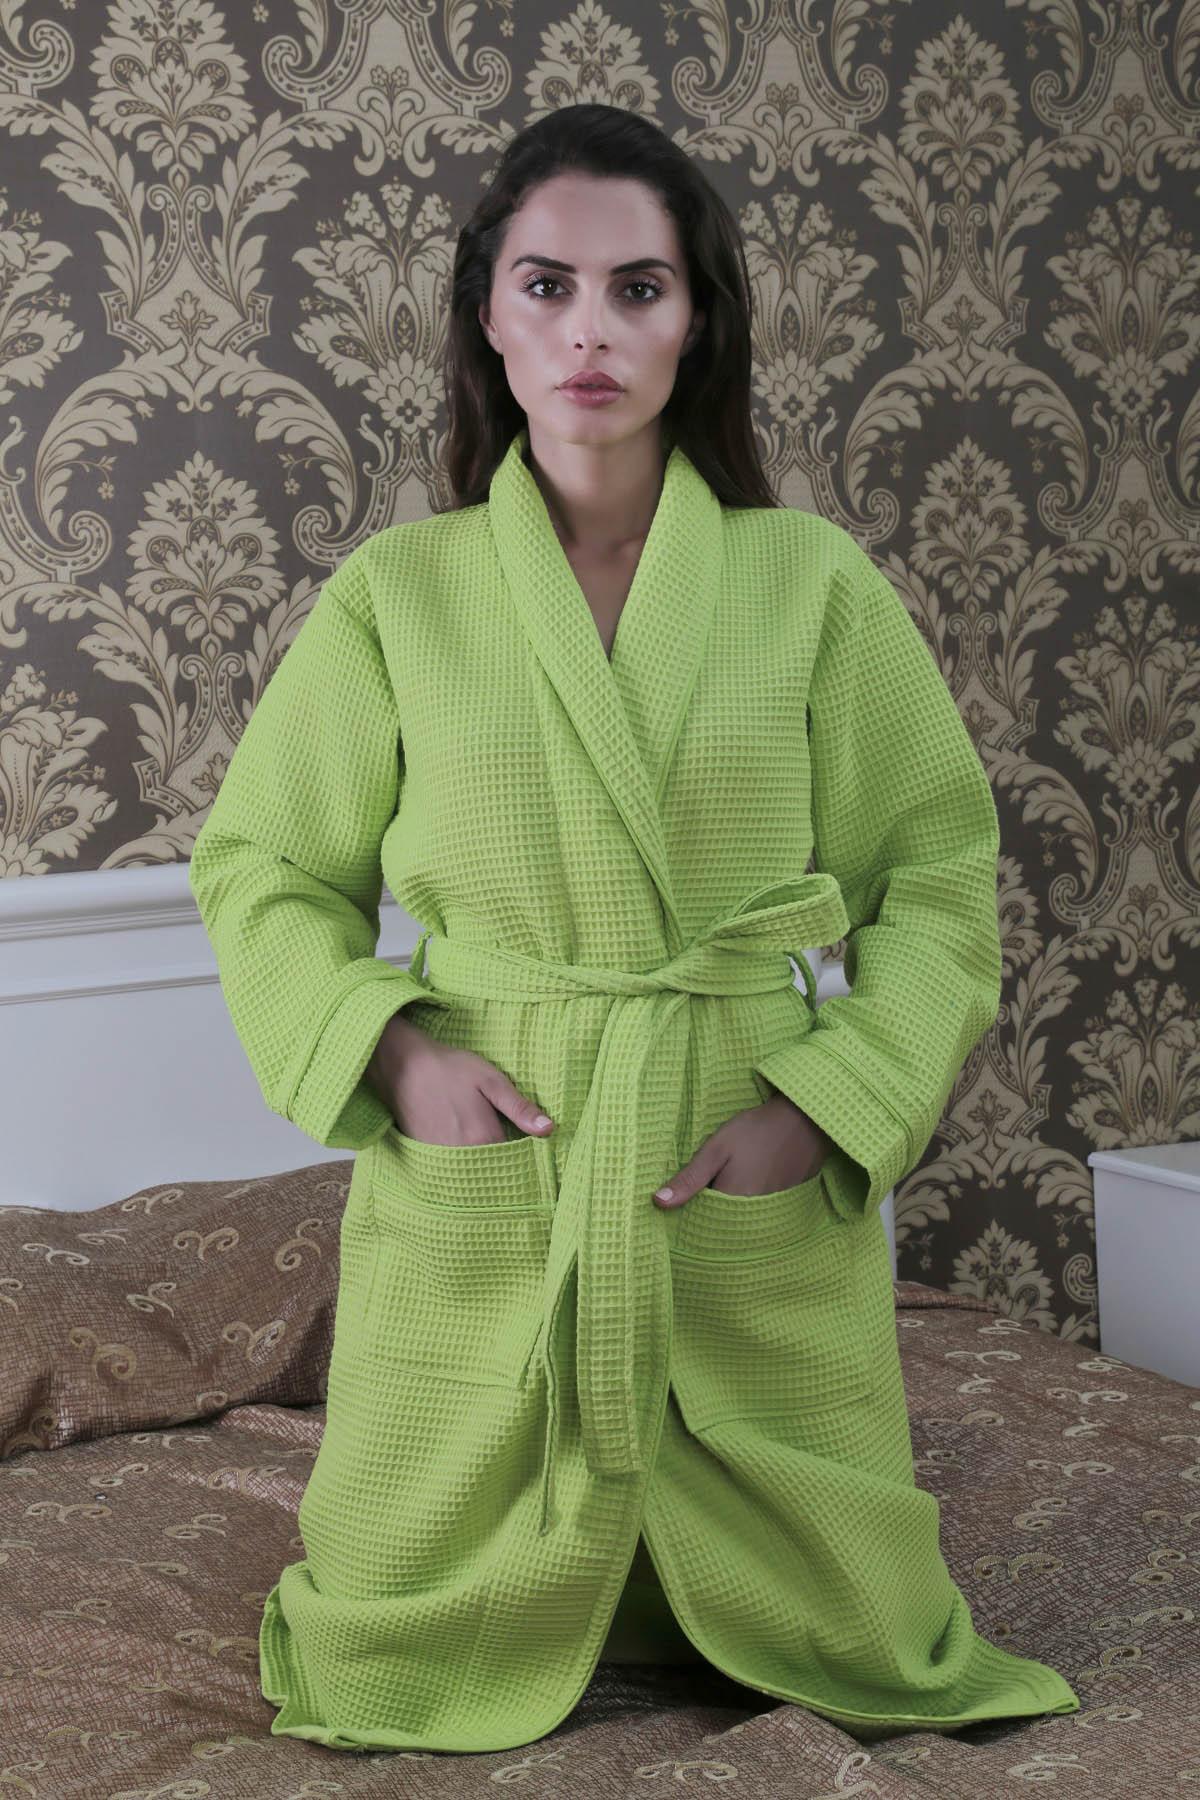 Сауны, бани и оборудование Salyaka Халат Dismas Цвет: Фисташковый (M) халат детский crockid crockid халат фисташковый